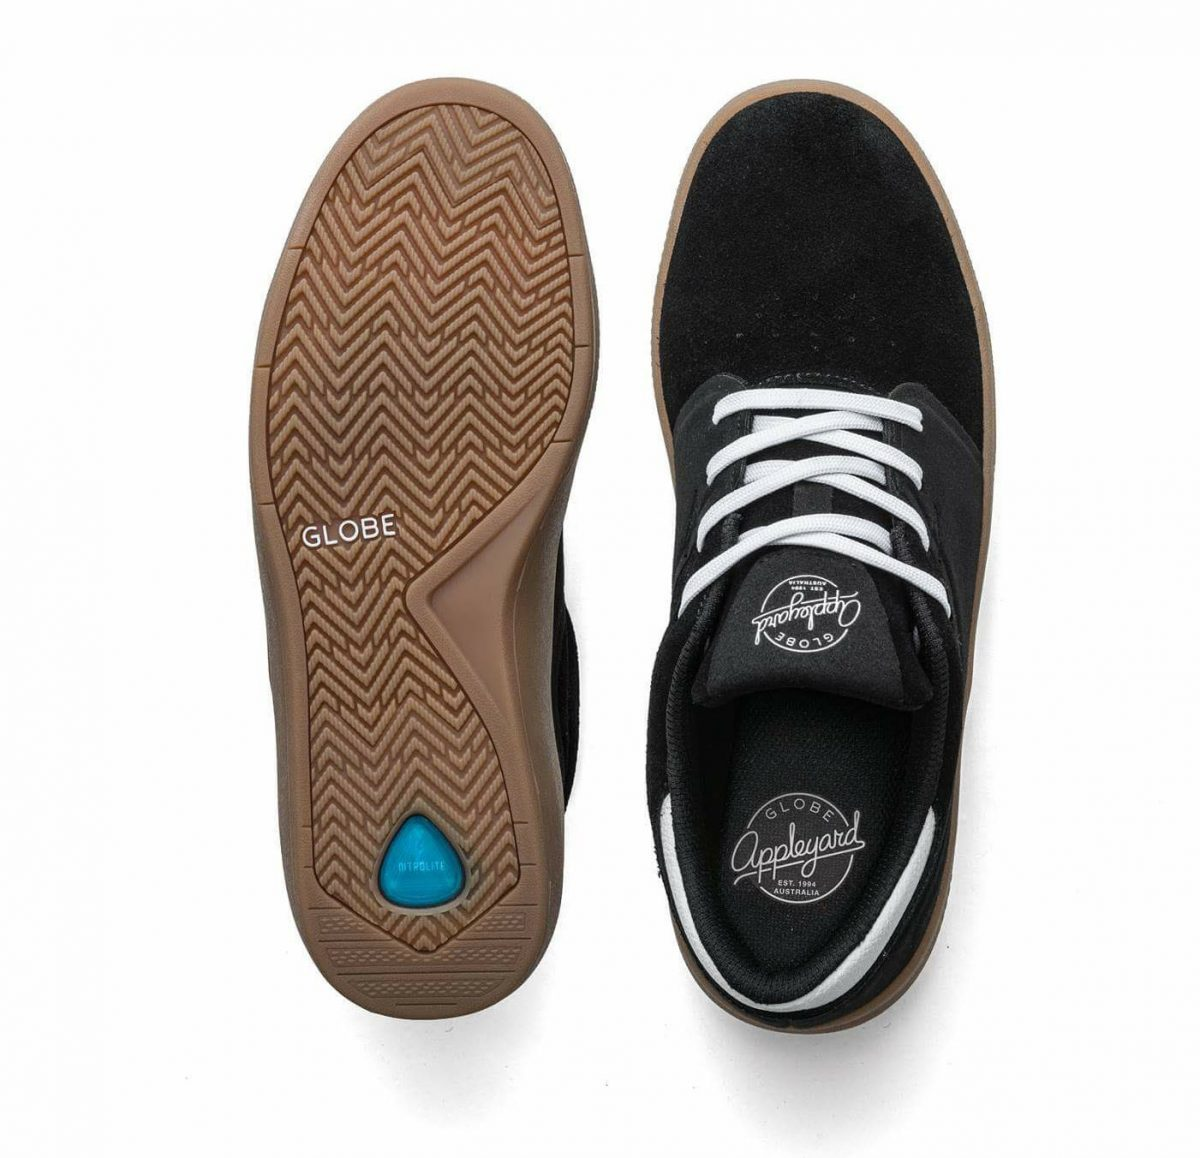 Globe Schuhe Mahalo SG